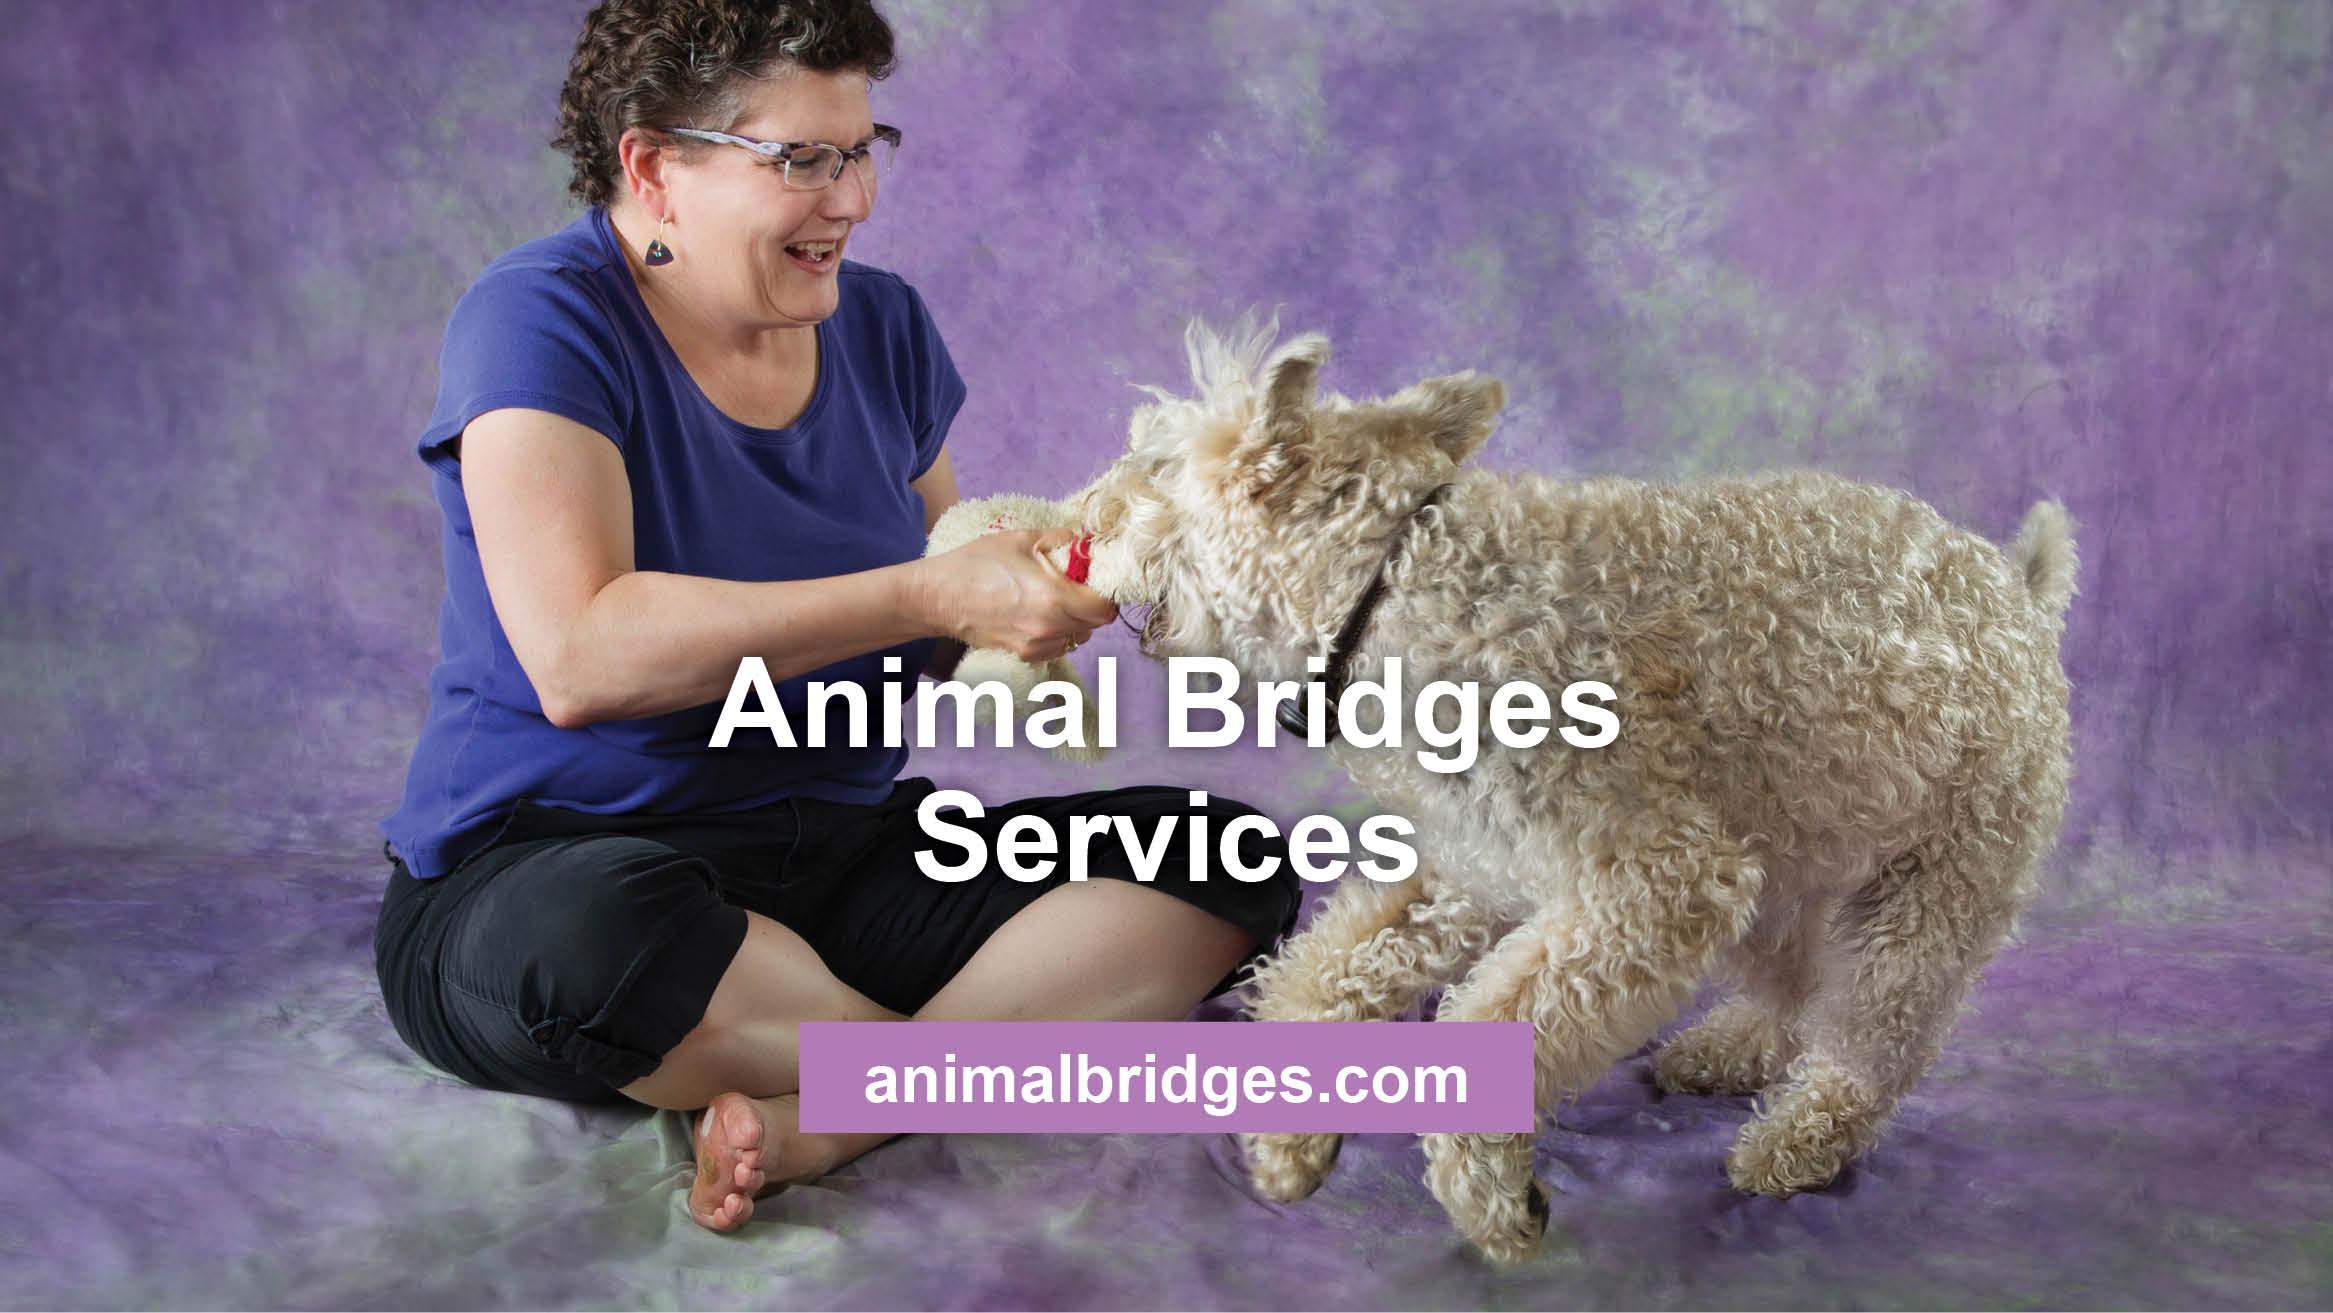 Article about Animal Bridges' Services